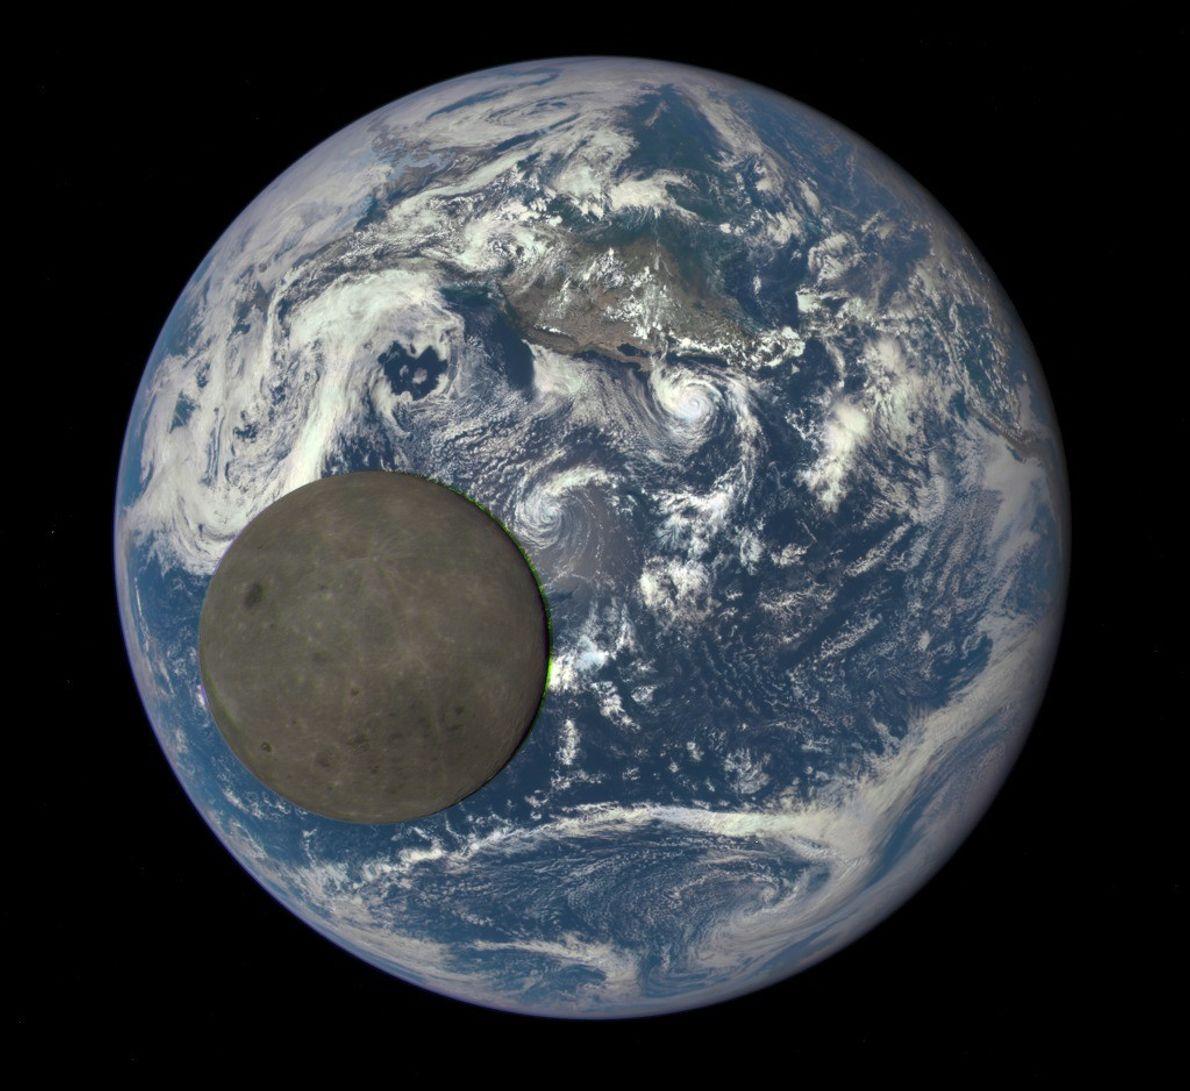 Imagen de la Luna pasando frente a la Tierra